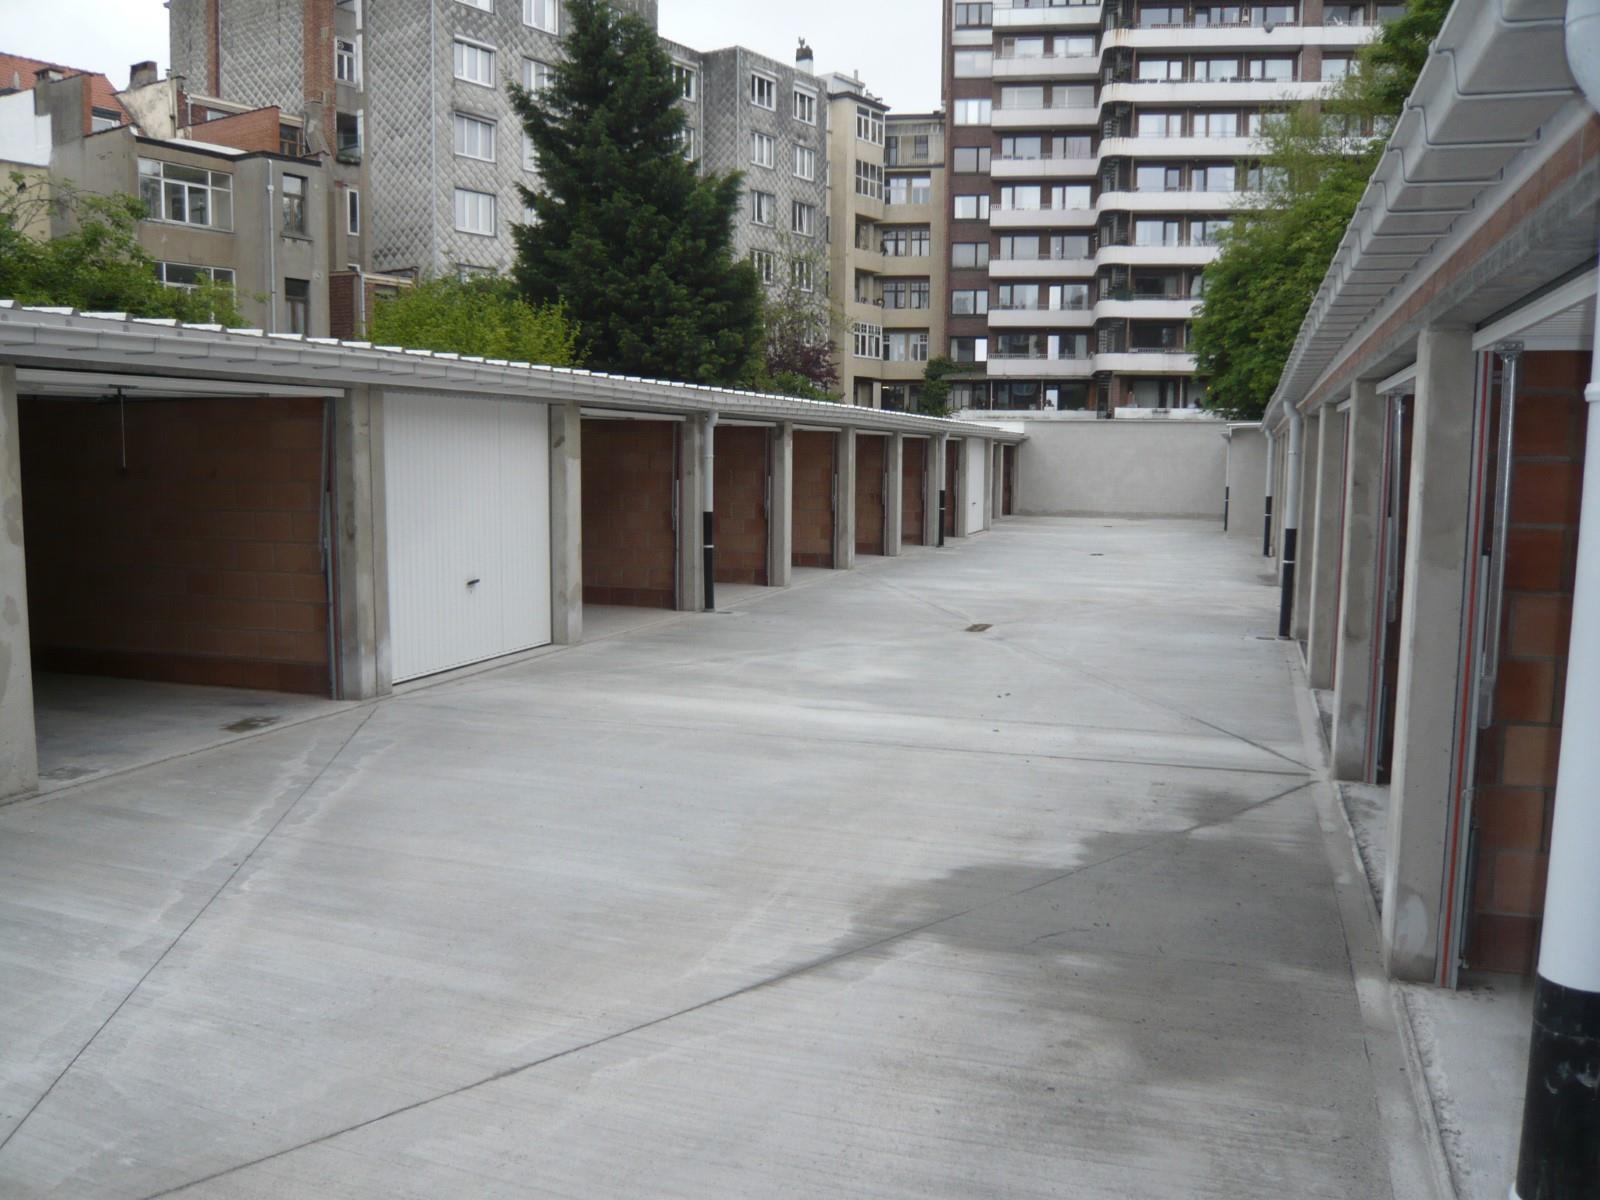 Flat - Schaerbeek - #4394057-18